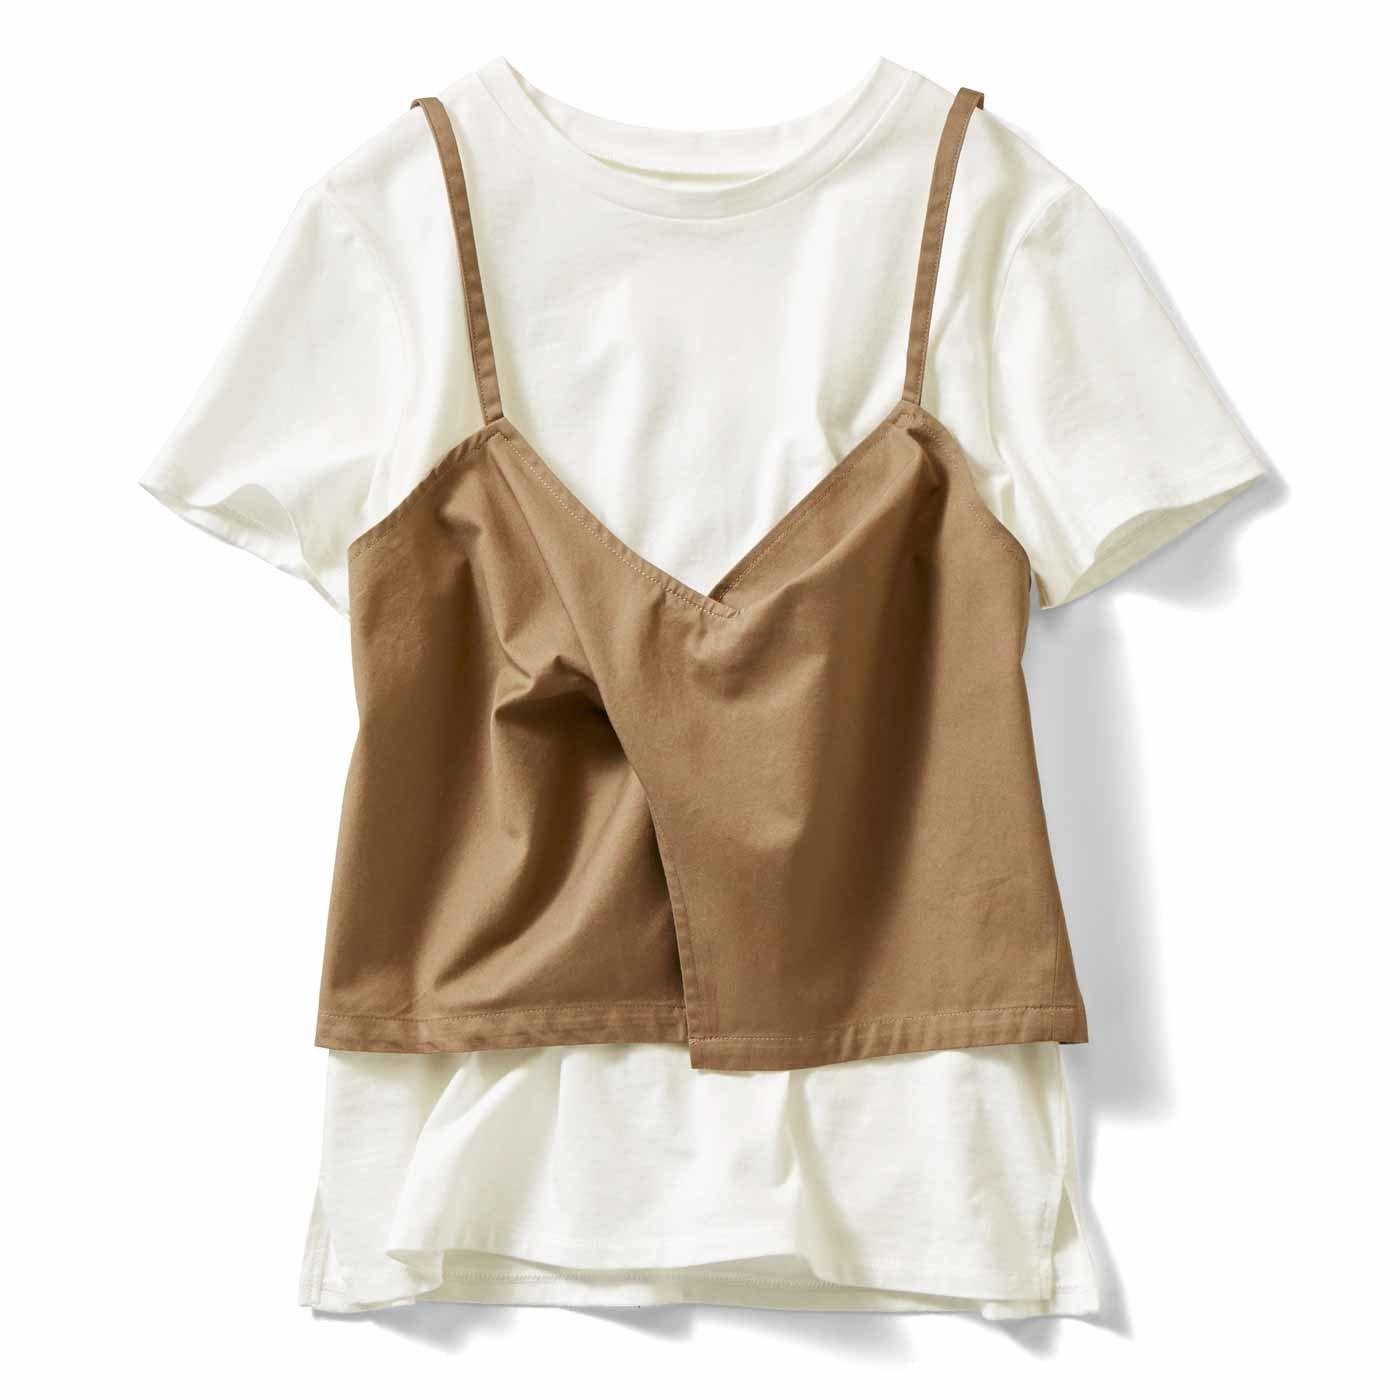 IEDIT ビスチェ&Tシャツセット〈ベージュ×ホワイト〉